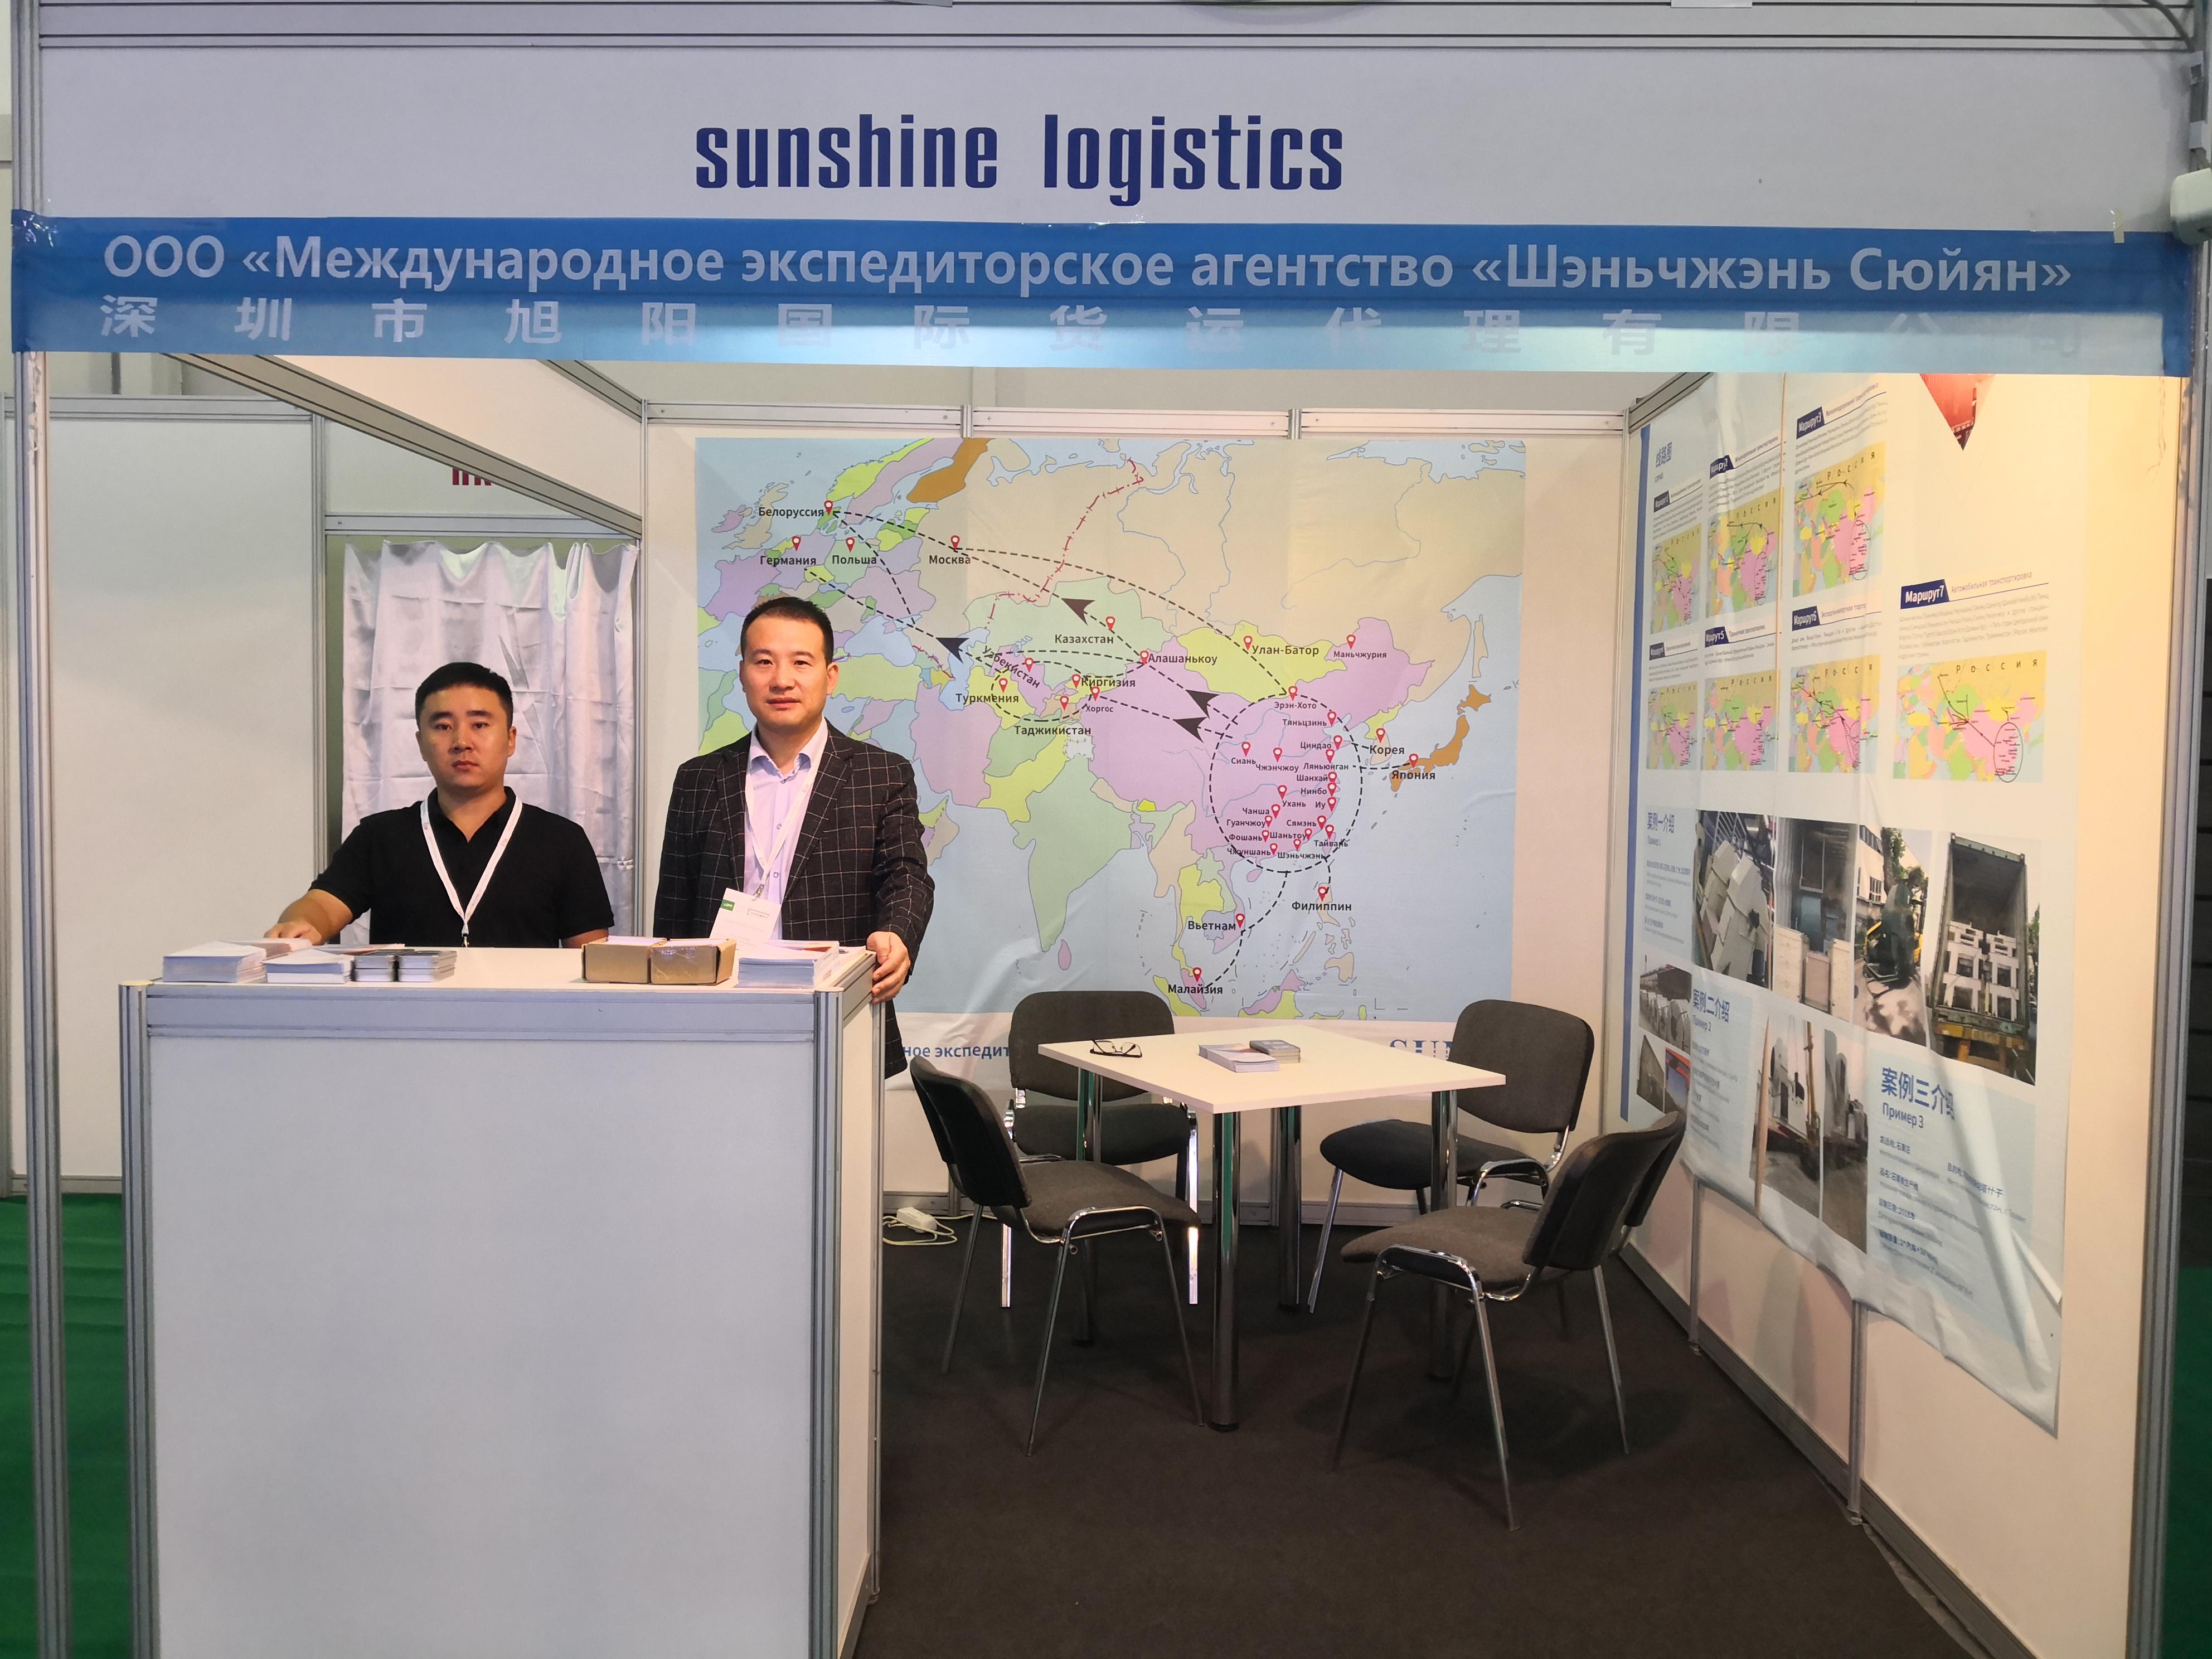 manbetx万博体育平台国际——哈萨克斯坦阿拉木图运输物流展览会